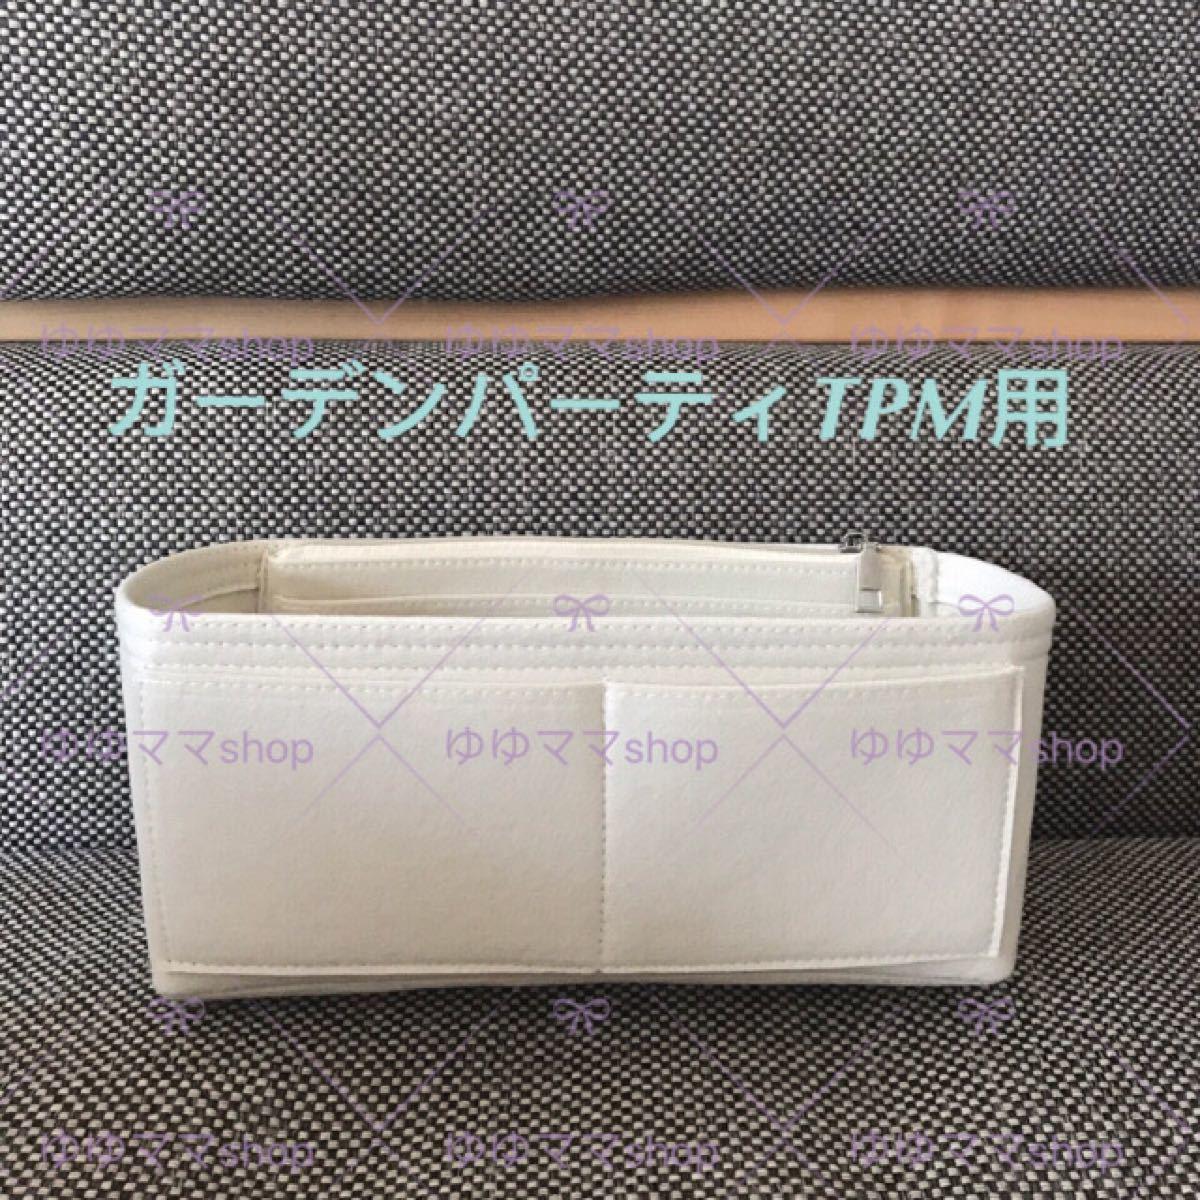 新品バックインバック エトゥーTPM用/ ガーデンパーティTPM用クリーム